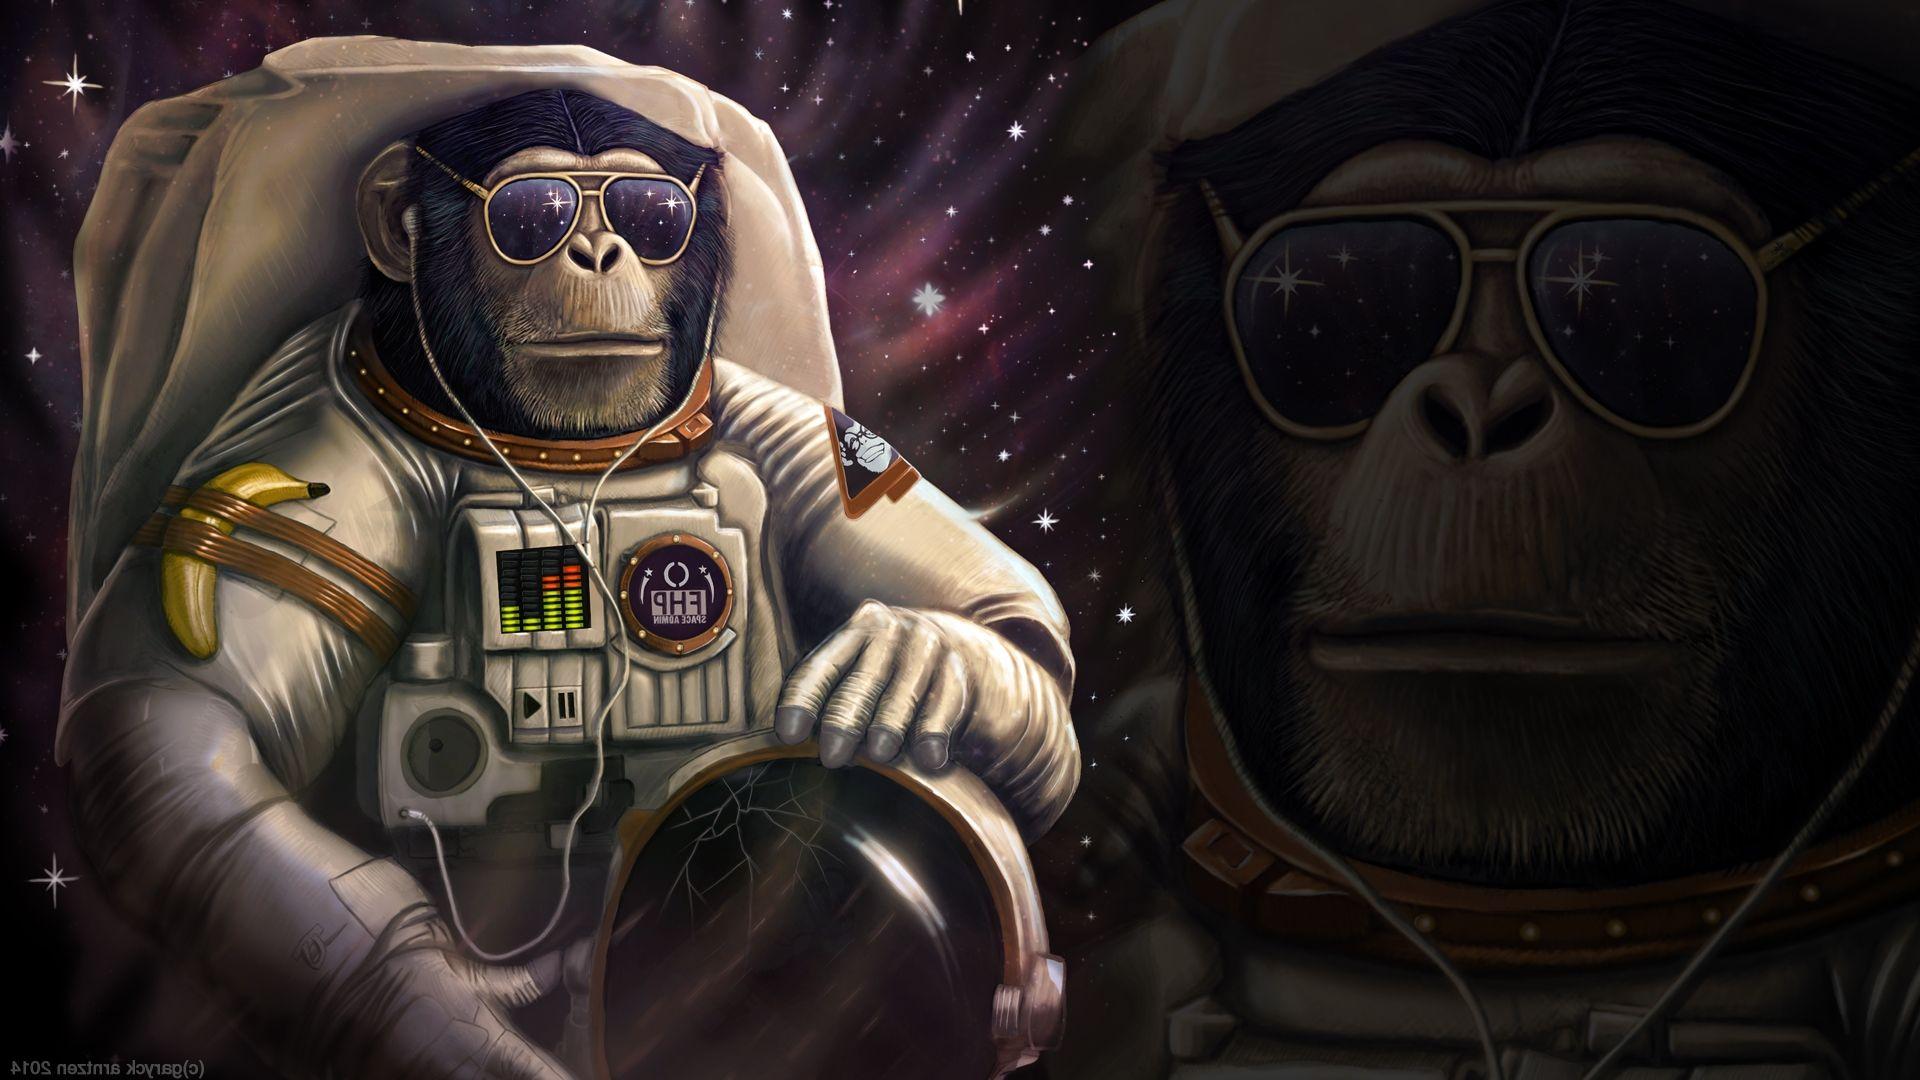 Monkey Astronaut Wallpapers HD Ideias de papel de parede